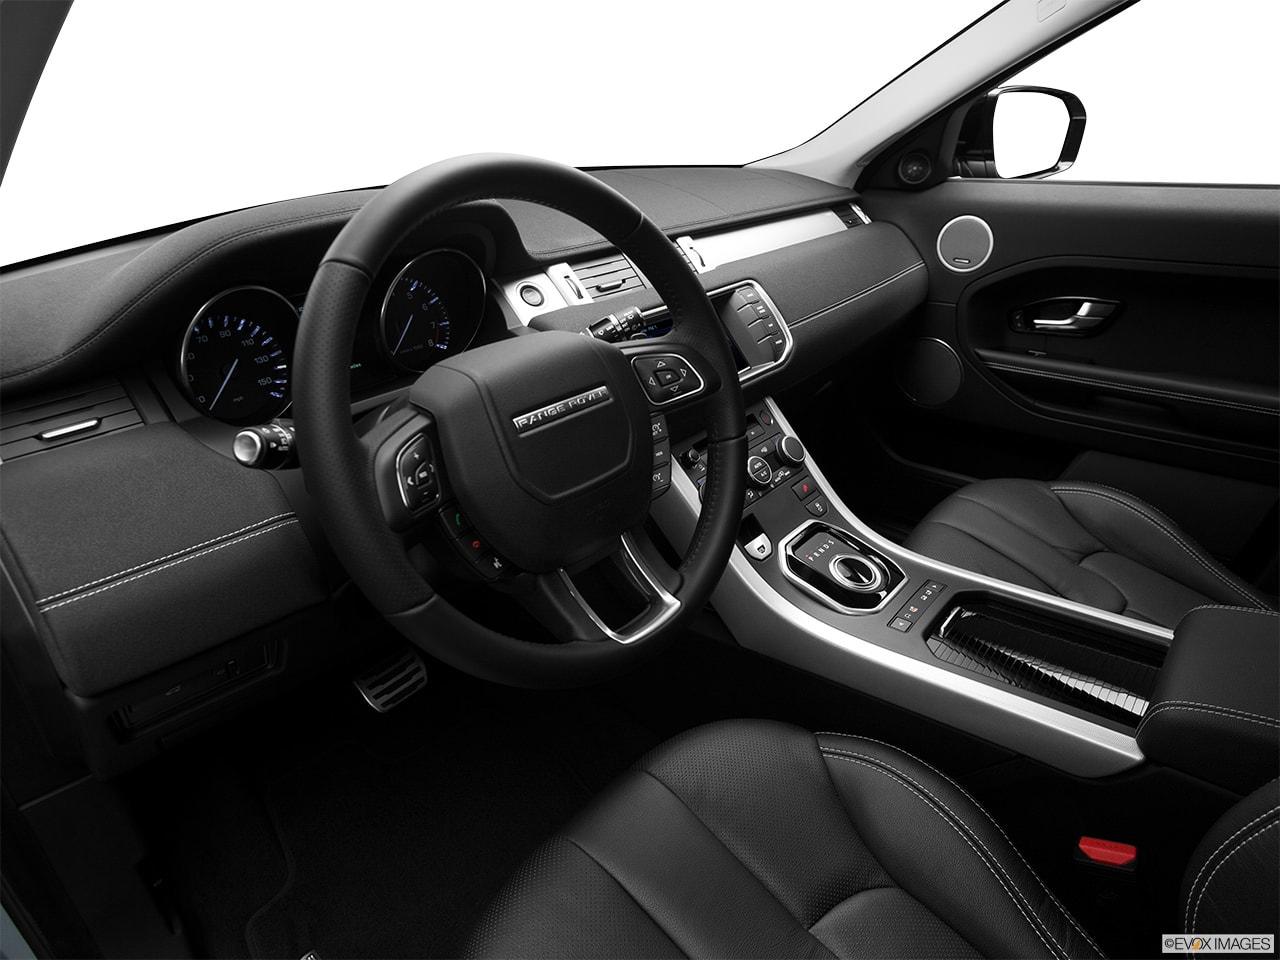 Land Rover Range Rover Evoque 2012 Interior